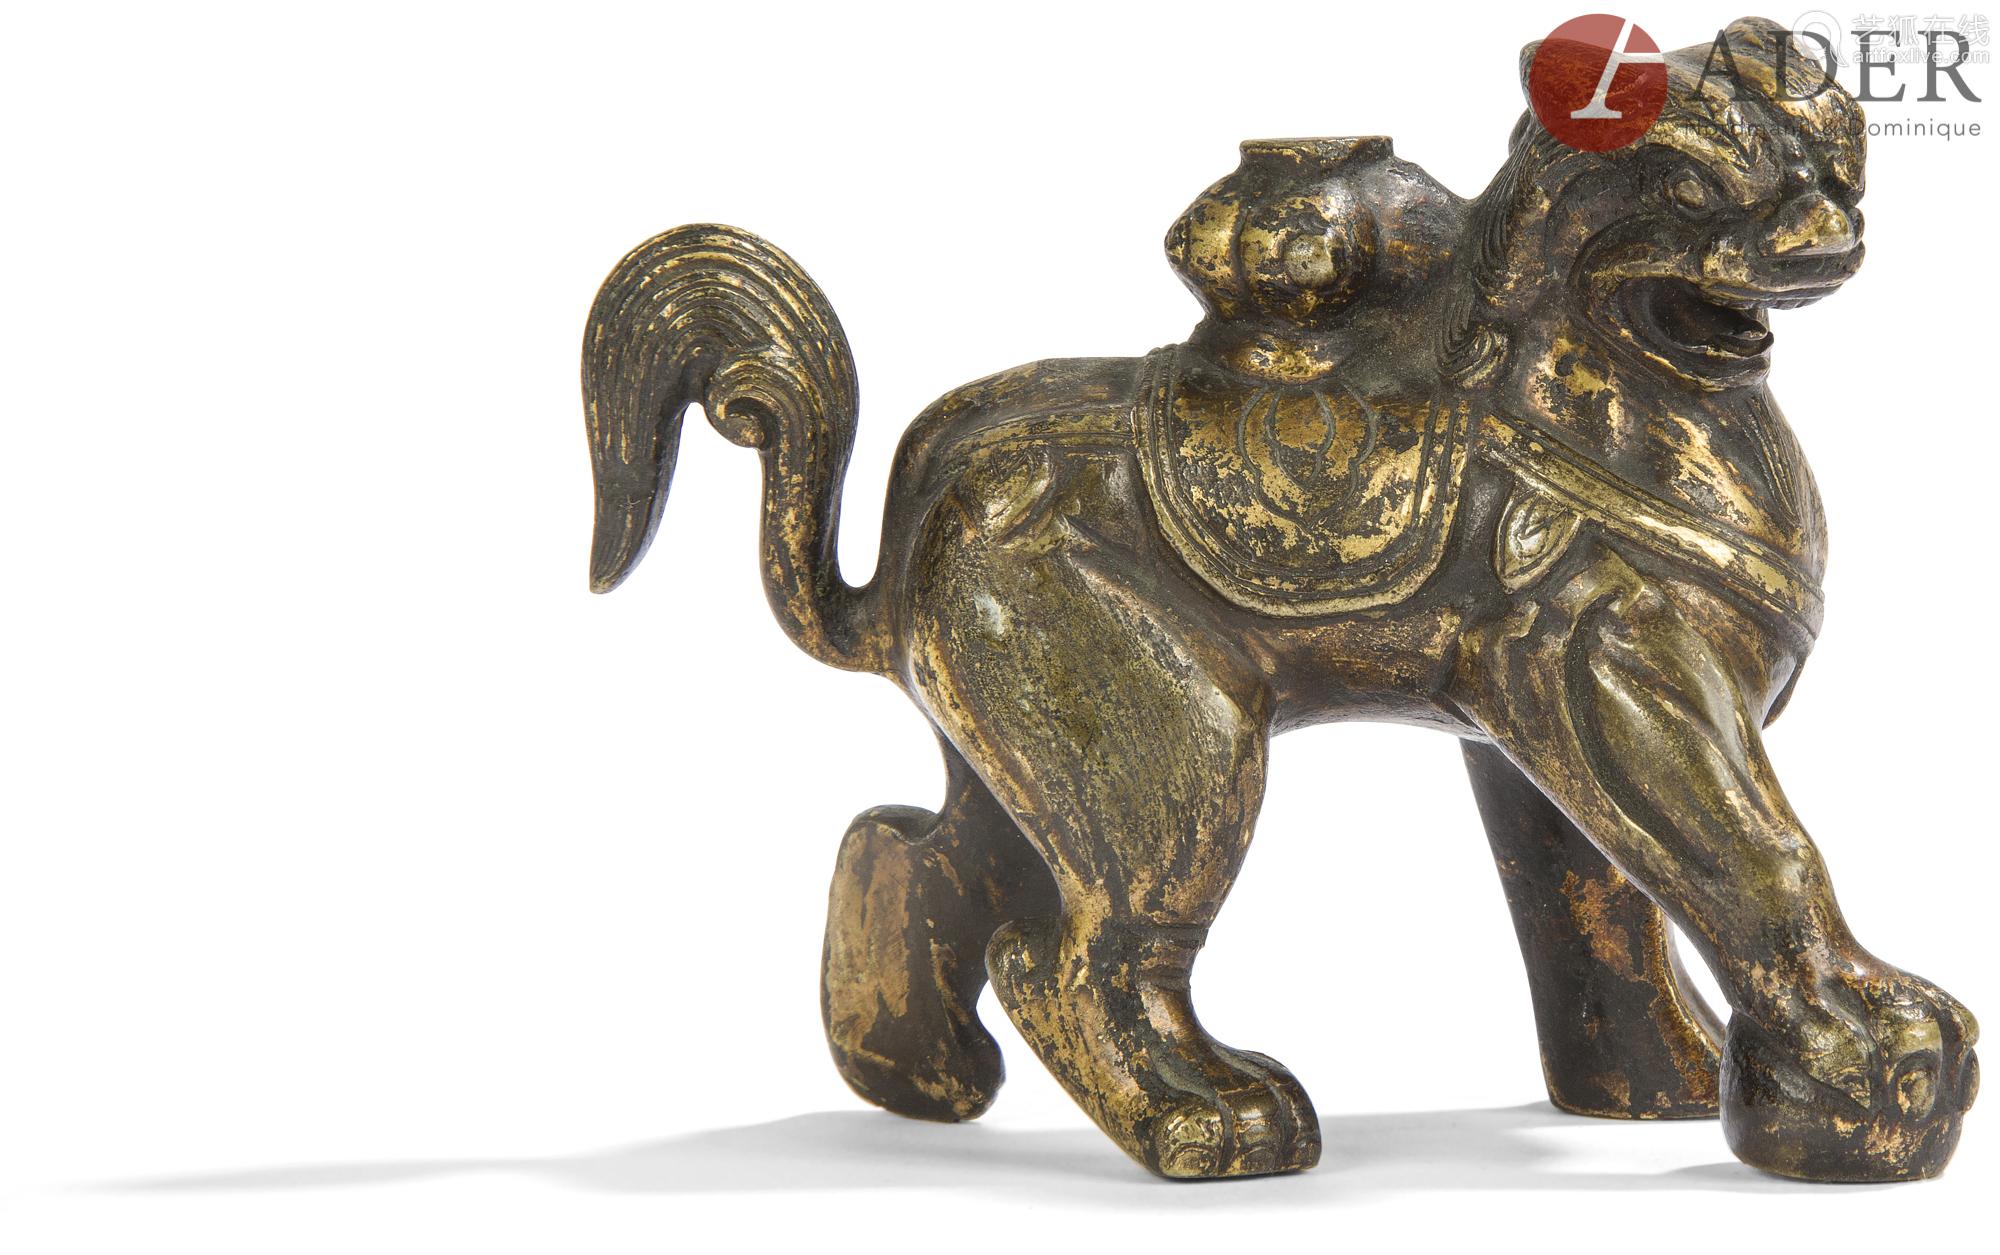 CHINE - XIXe siècle dans le style Yuan Porte-encens en bronze à traces de dorure formant chimère